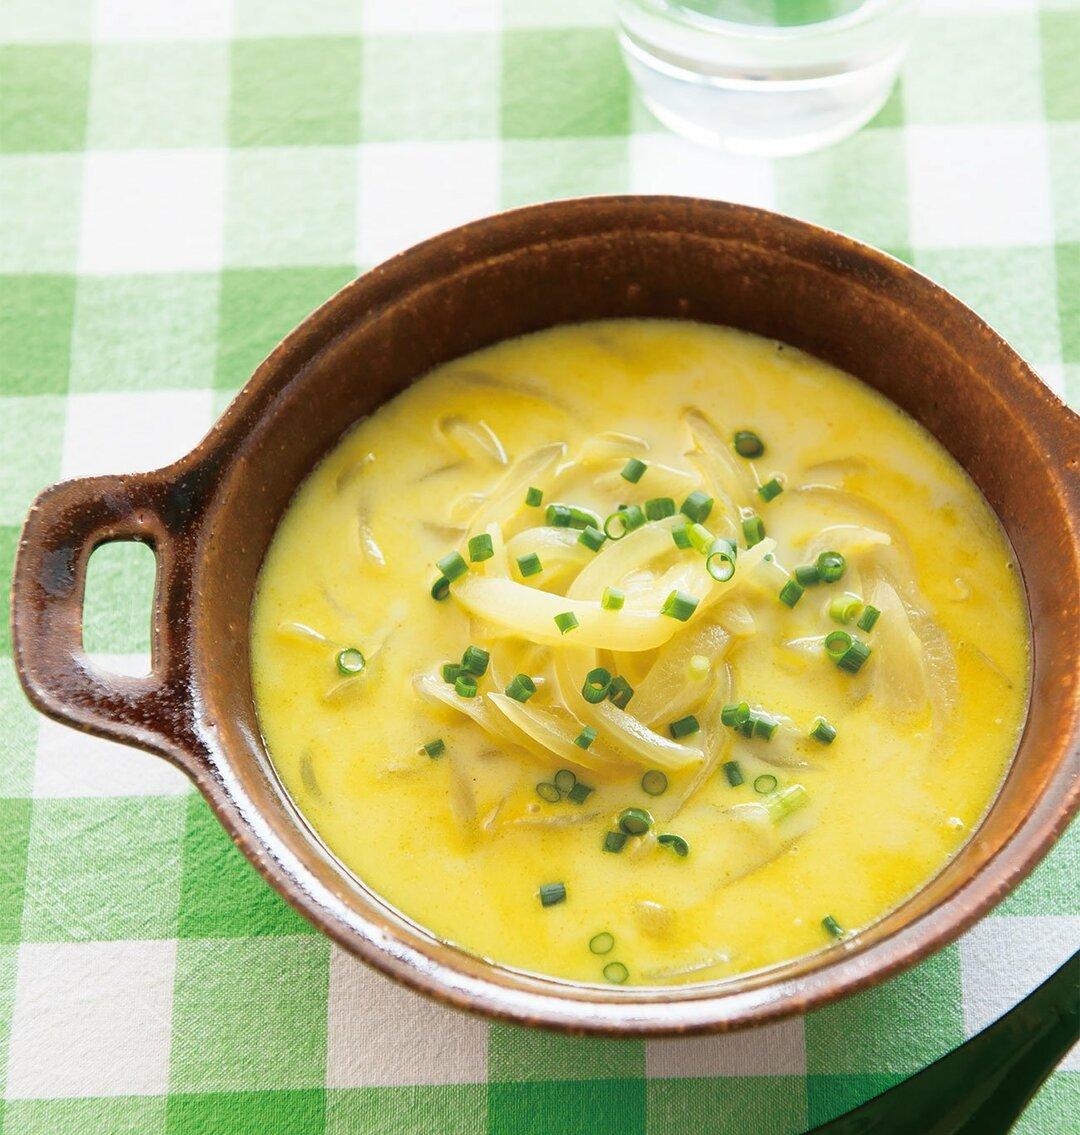 寒暖の差が激しいこの季節!<br />ヒートショックを防ぐ<br />玉ねぎのあったか長寿スープ